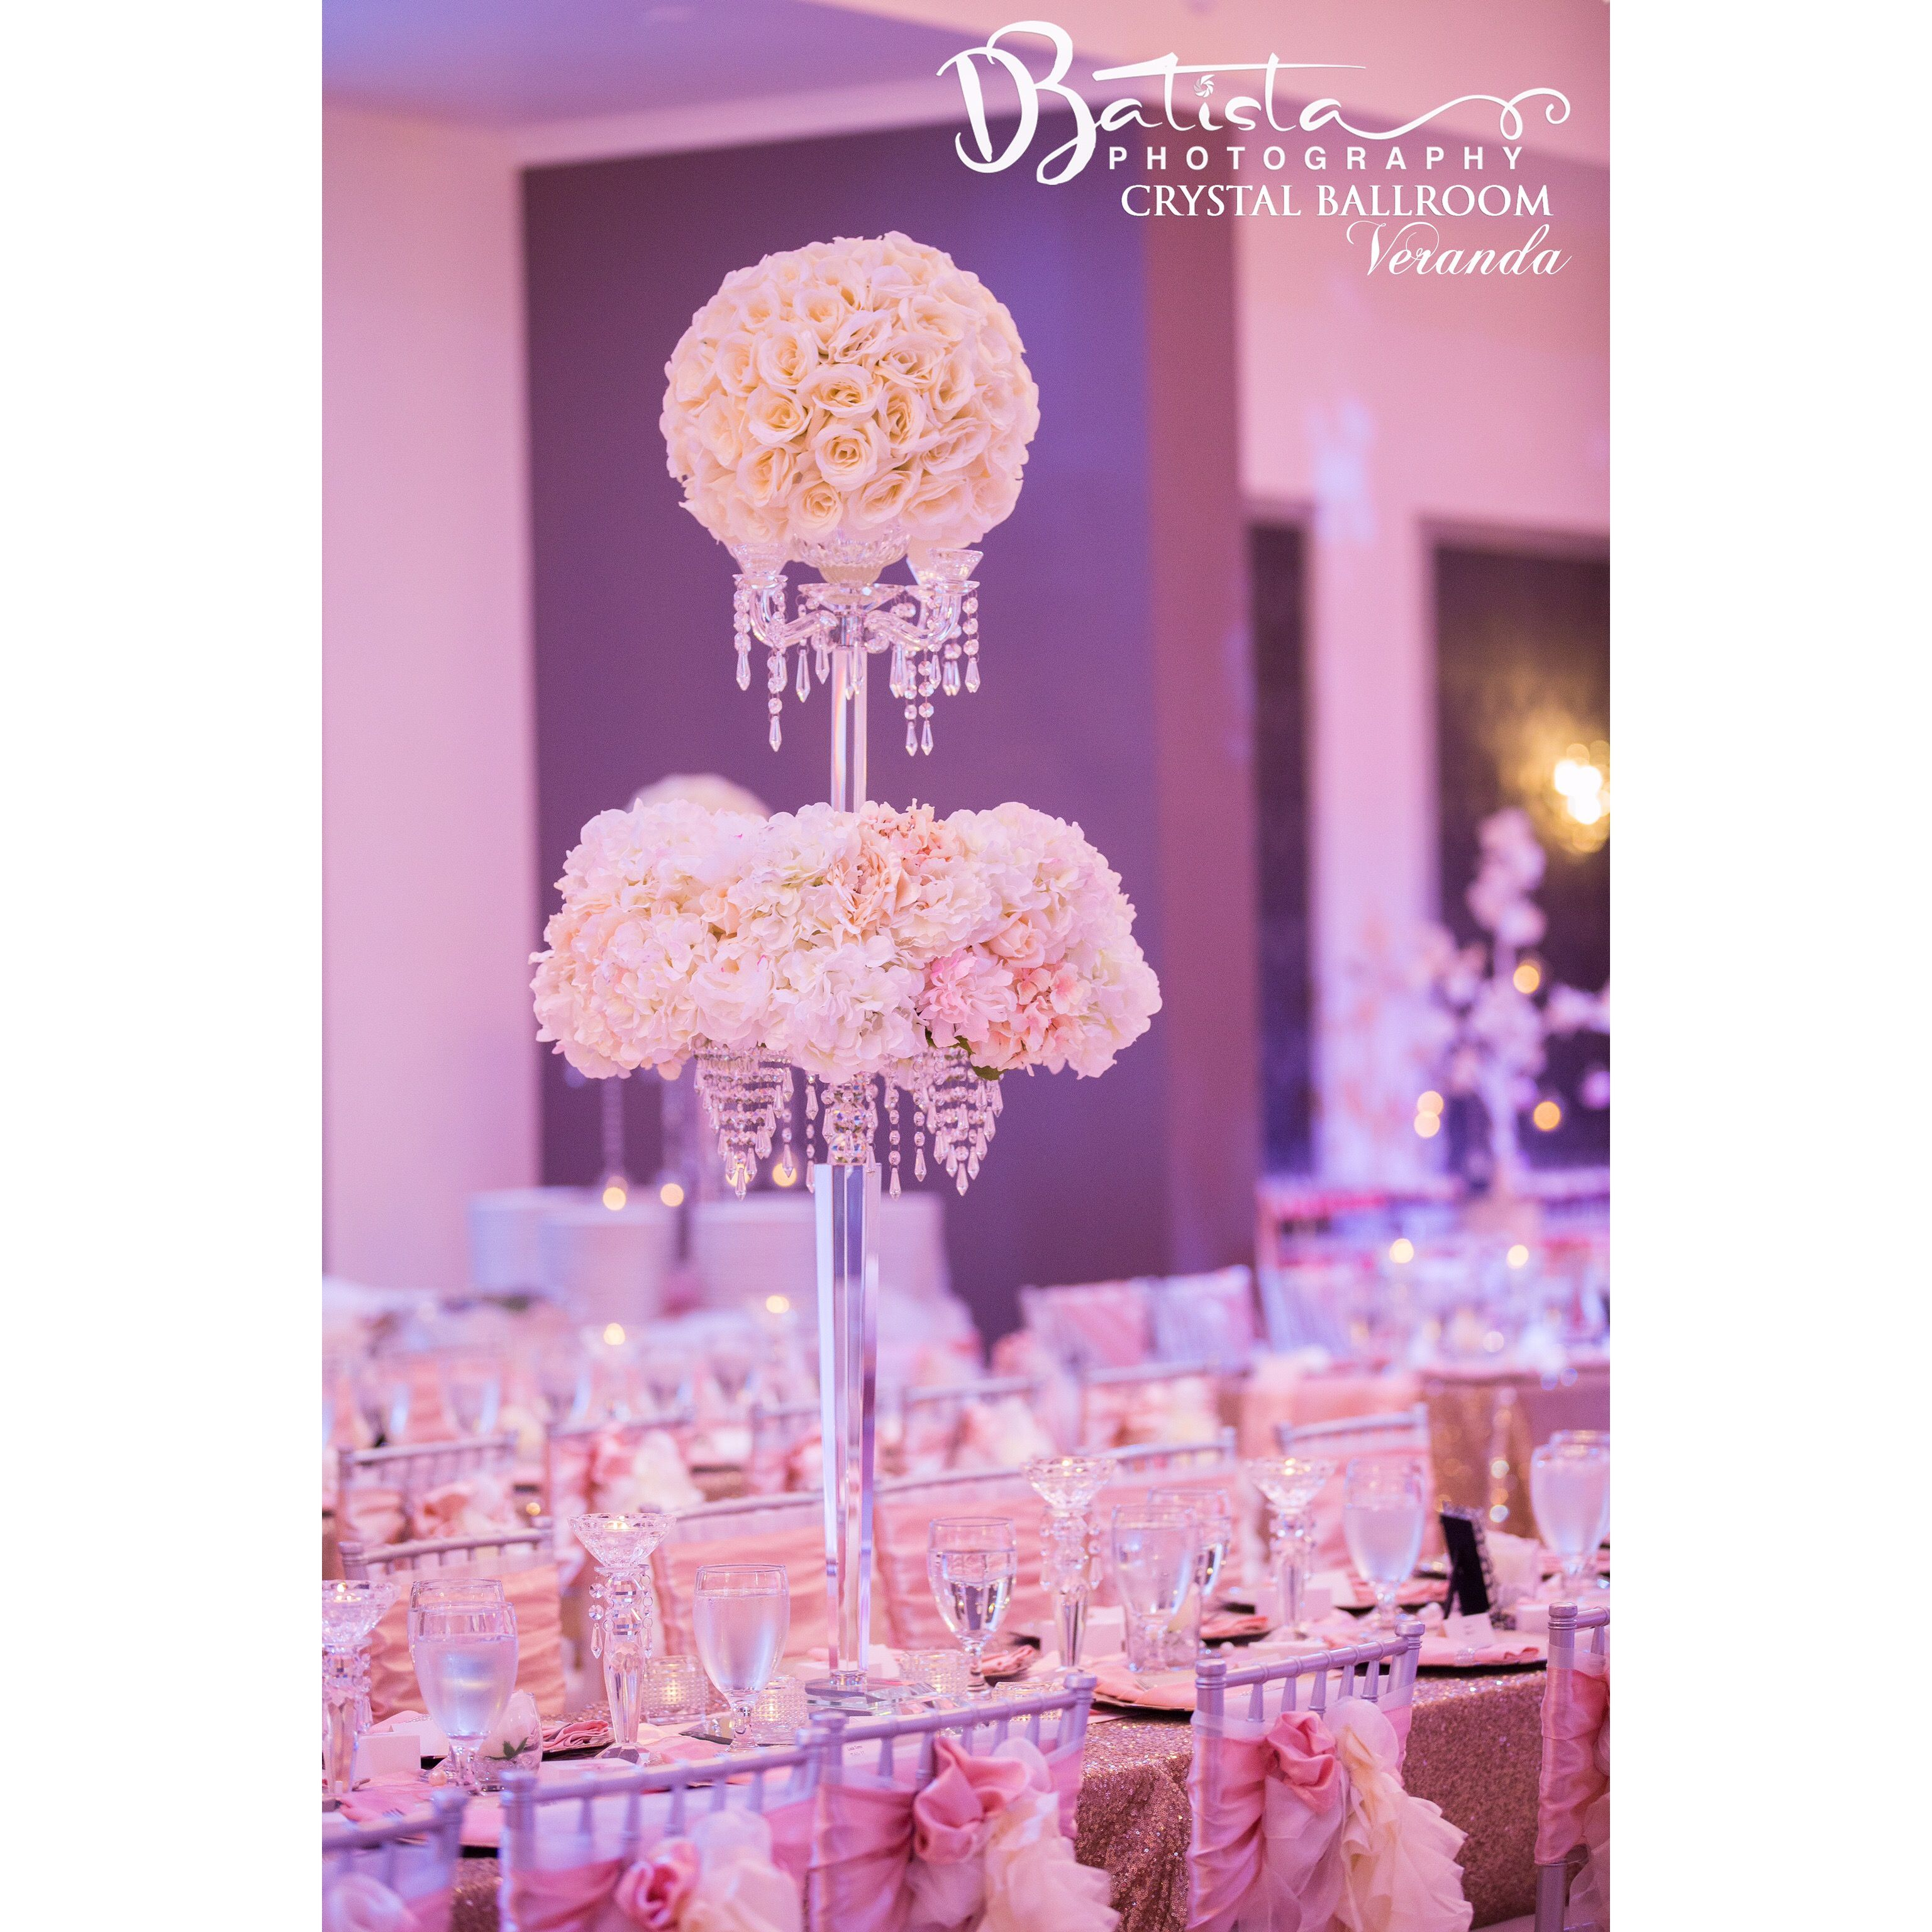 #weddingvenues #venues#orlandovenues #weddings#eventvenue